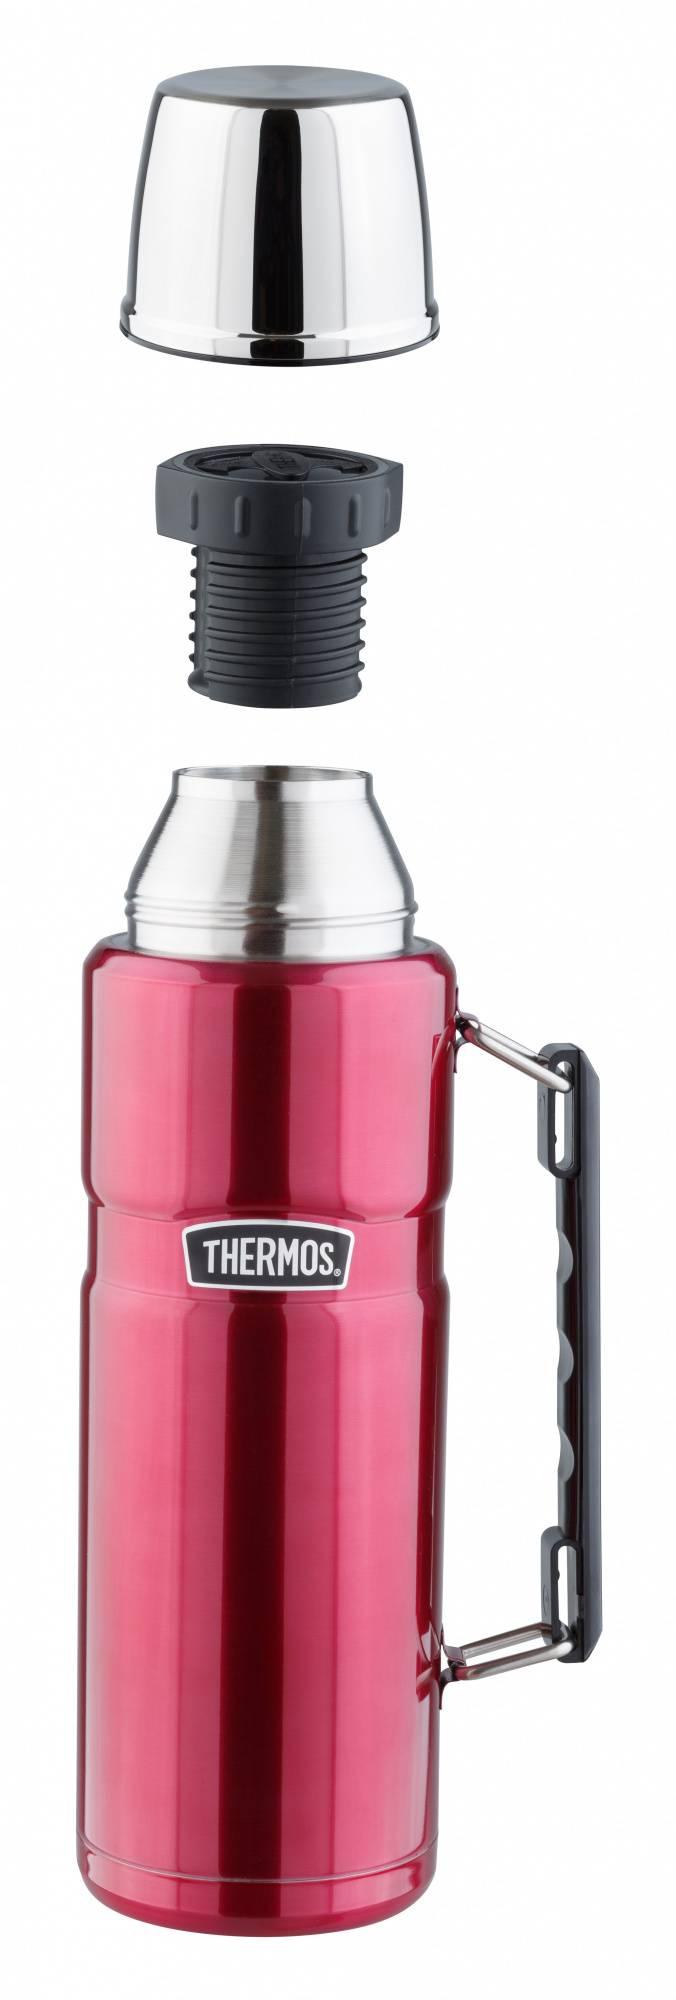 Термос Thermos SK 2010 малиновый (890849) - фото 2